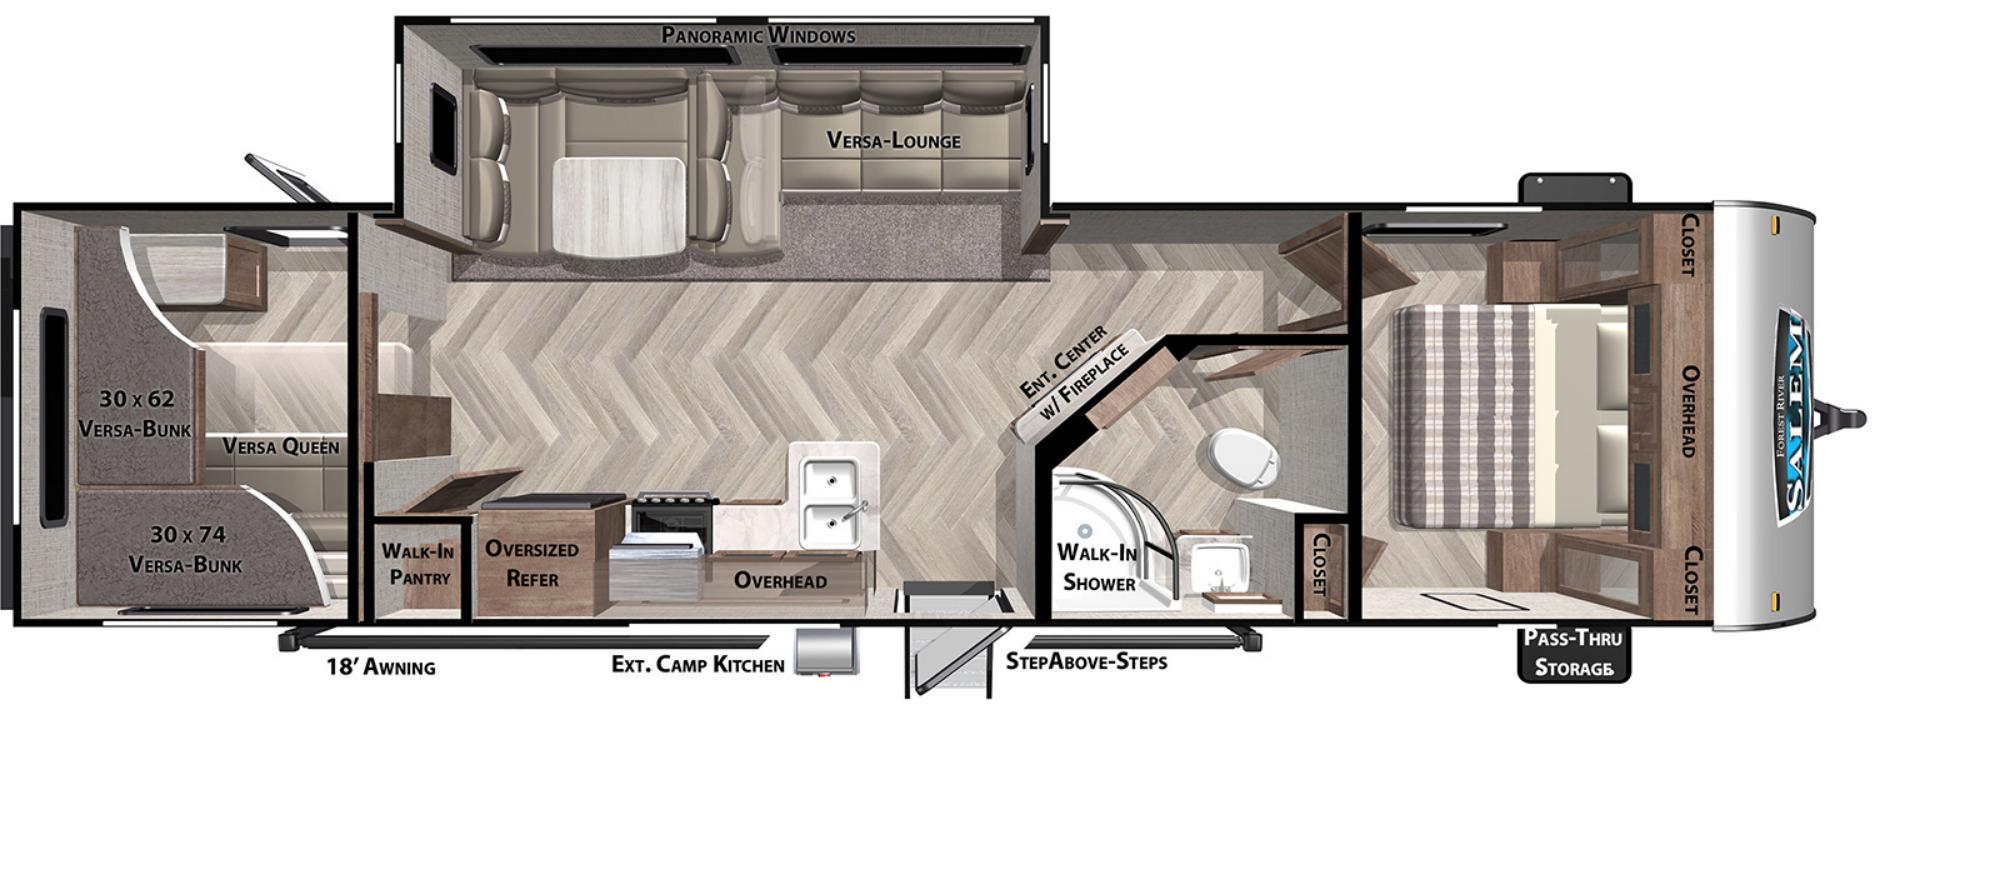 View Floor Plan for 2022 FOREST RIVER SALEM 29VBUD